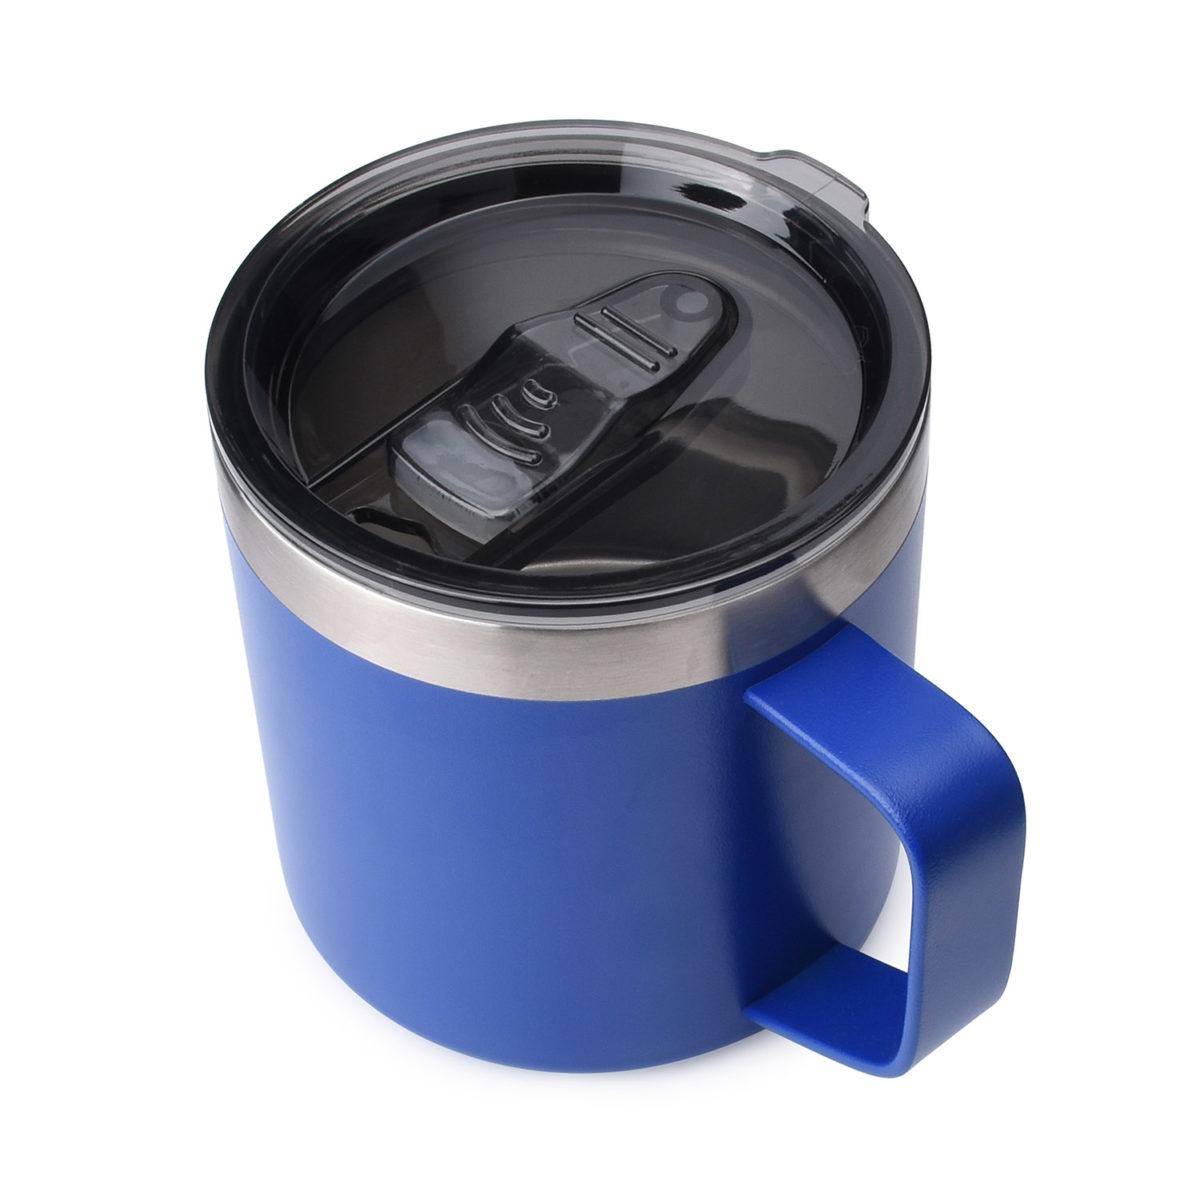 er 14 oz mug with slider lid